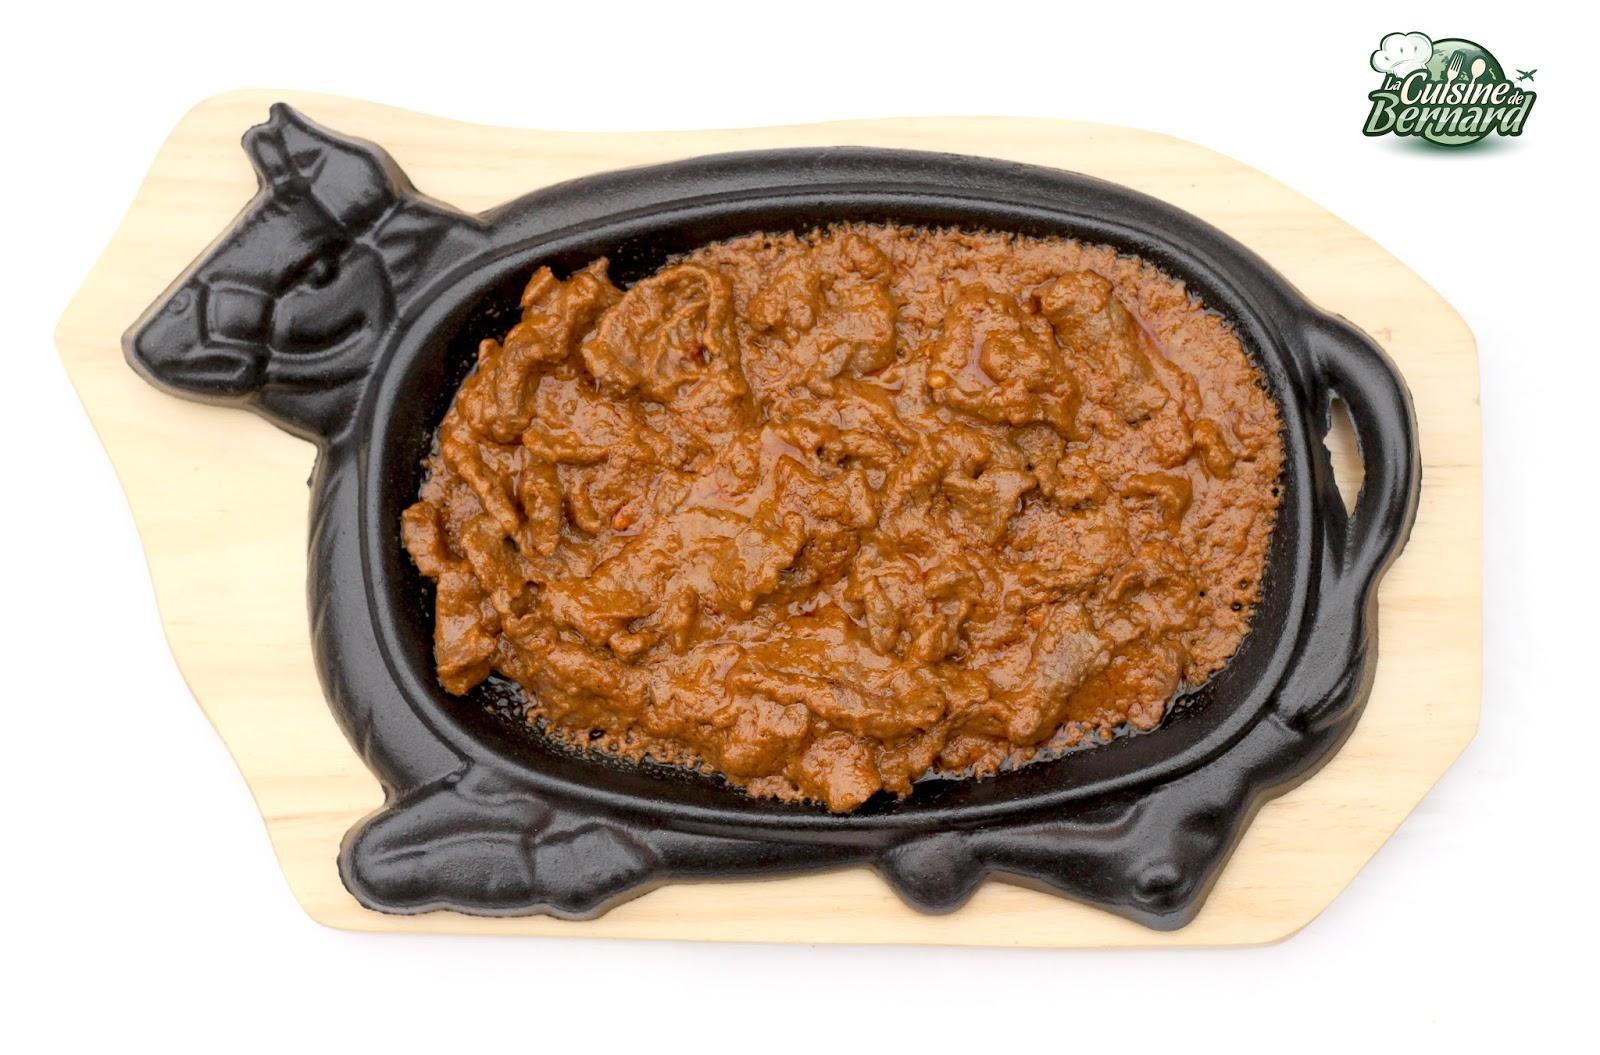 La cuisine de bernard b uf fr tillant la poudre de for Plaque cuisson restaurant